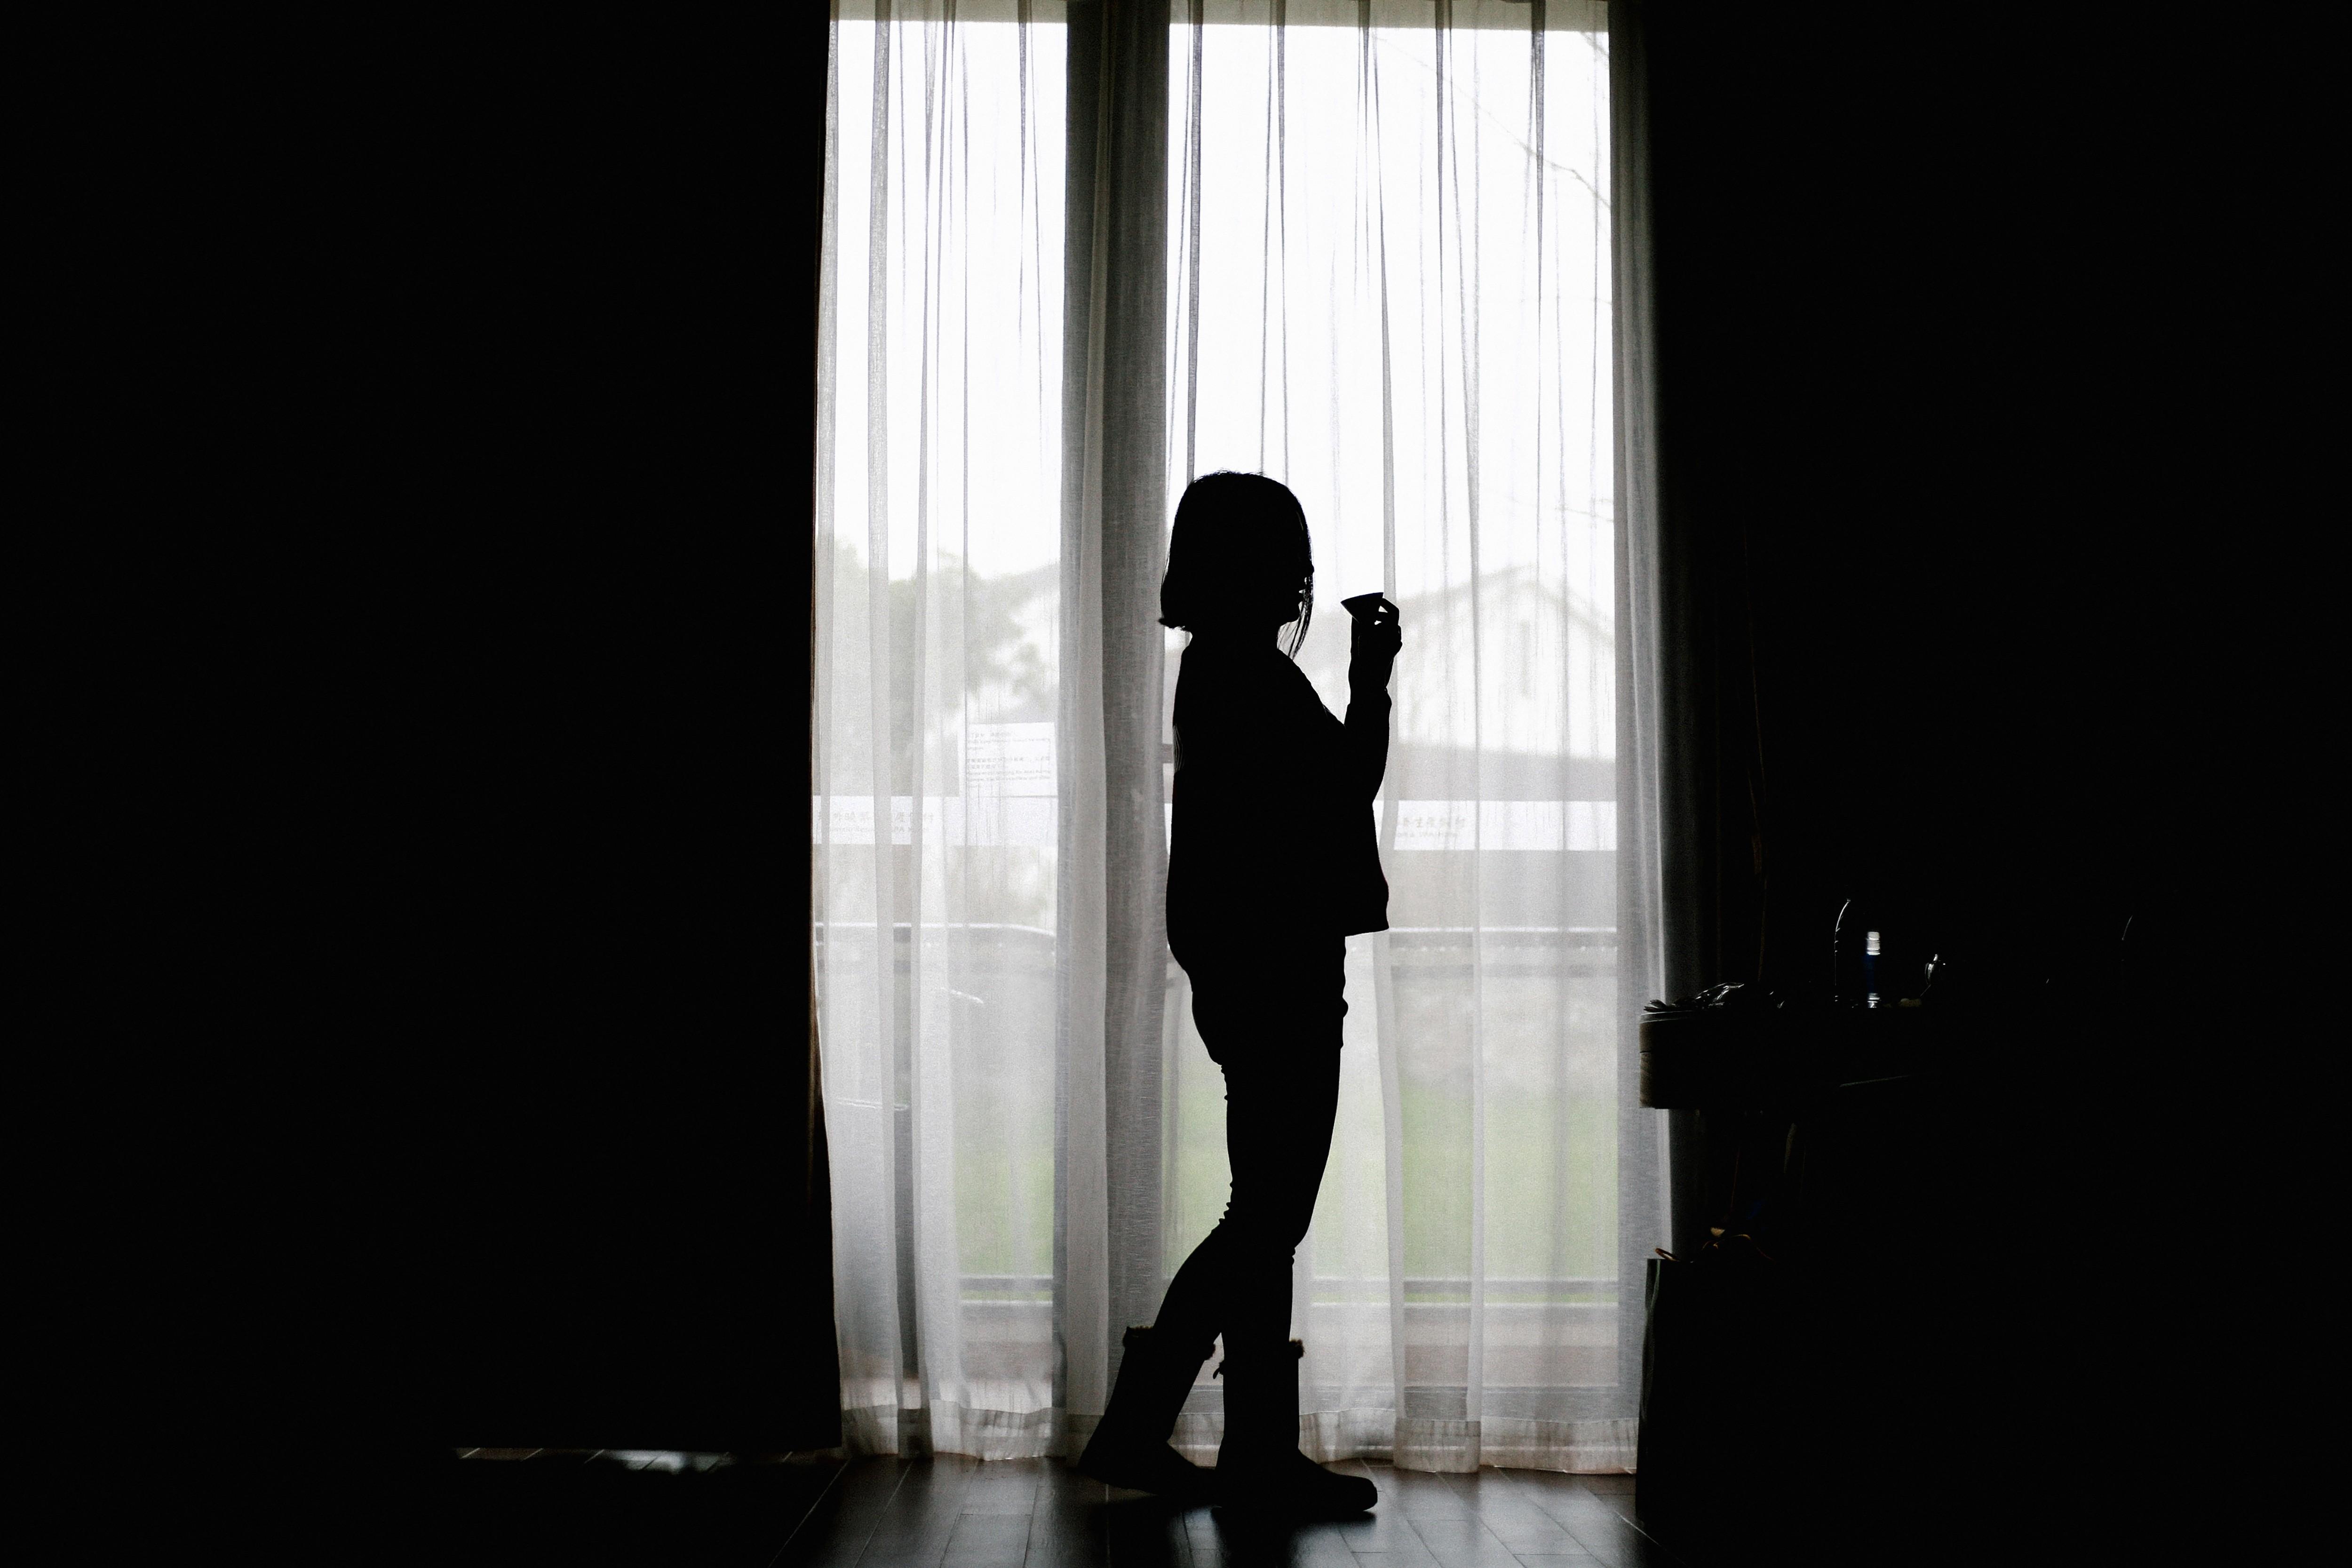 A própria casa é o local mais perigoso do planeta para as mulheres, diz a ONU (Foto: Pxhere/Creative Commons)